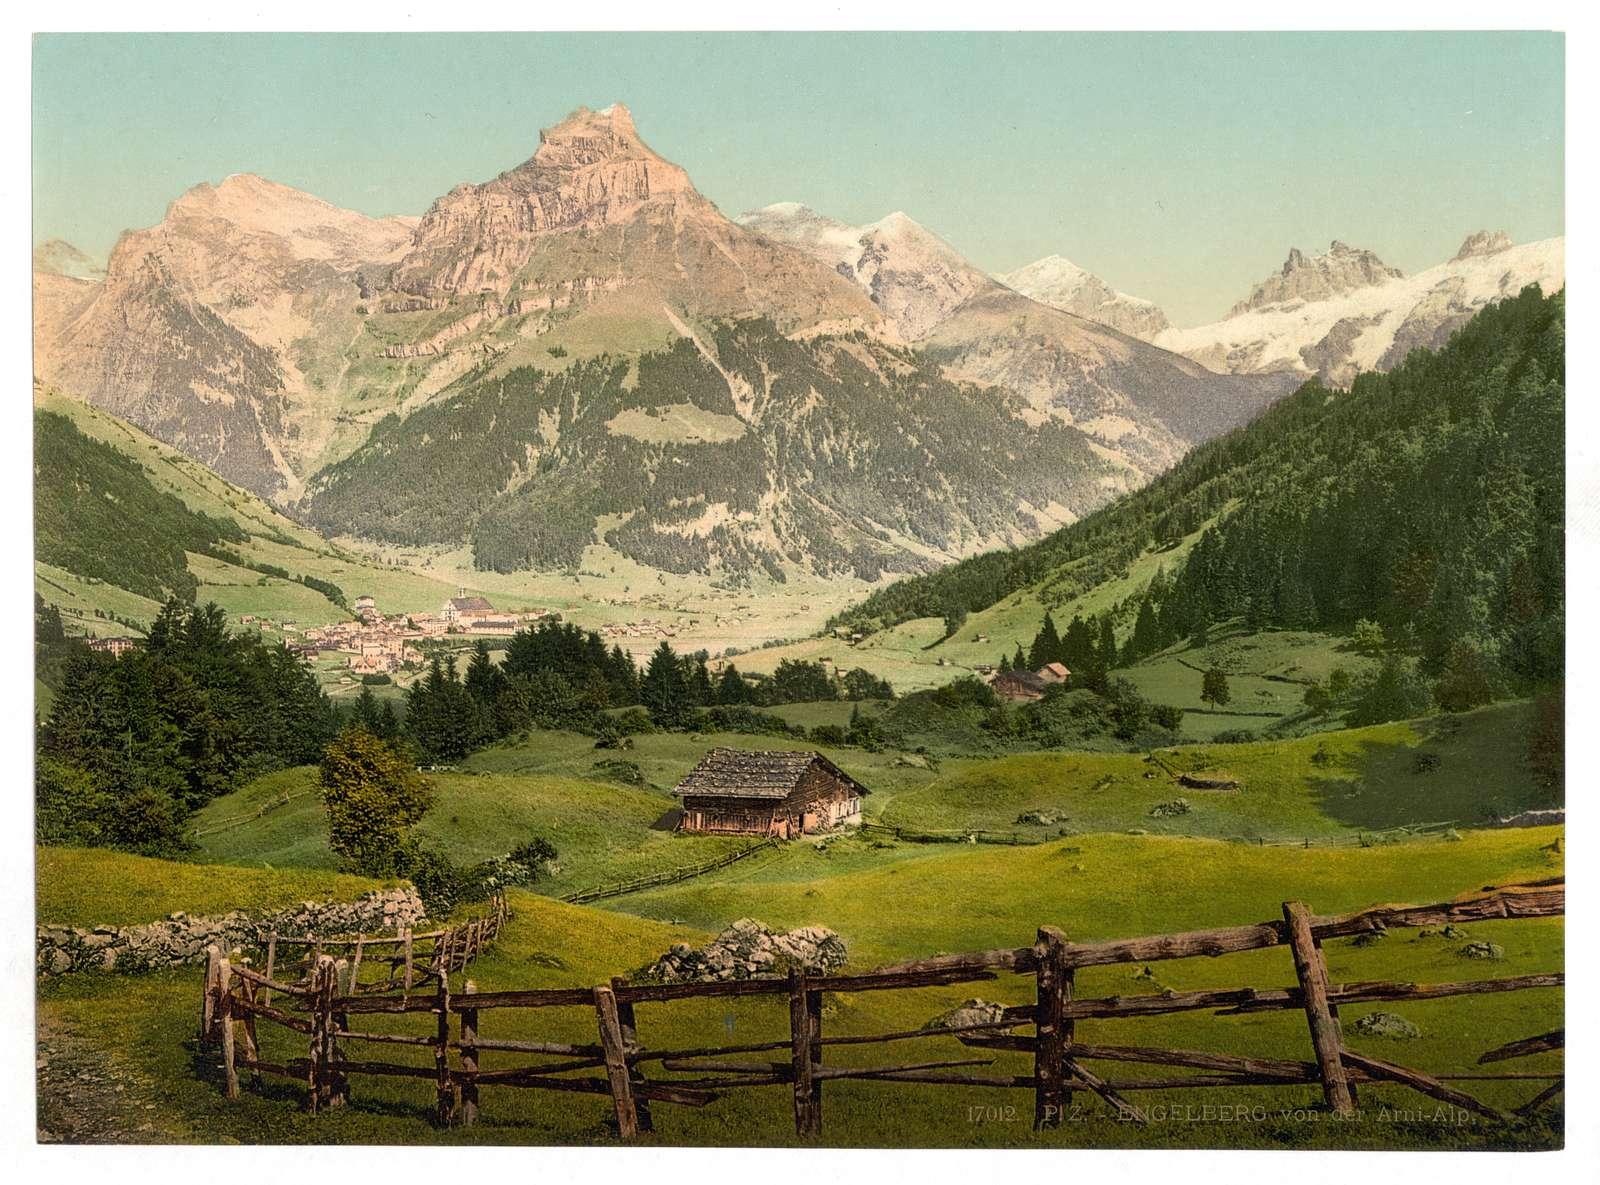 [Engelberg Valley, Arni Alp, Bernese Oberland, Switzerland]